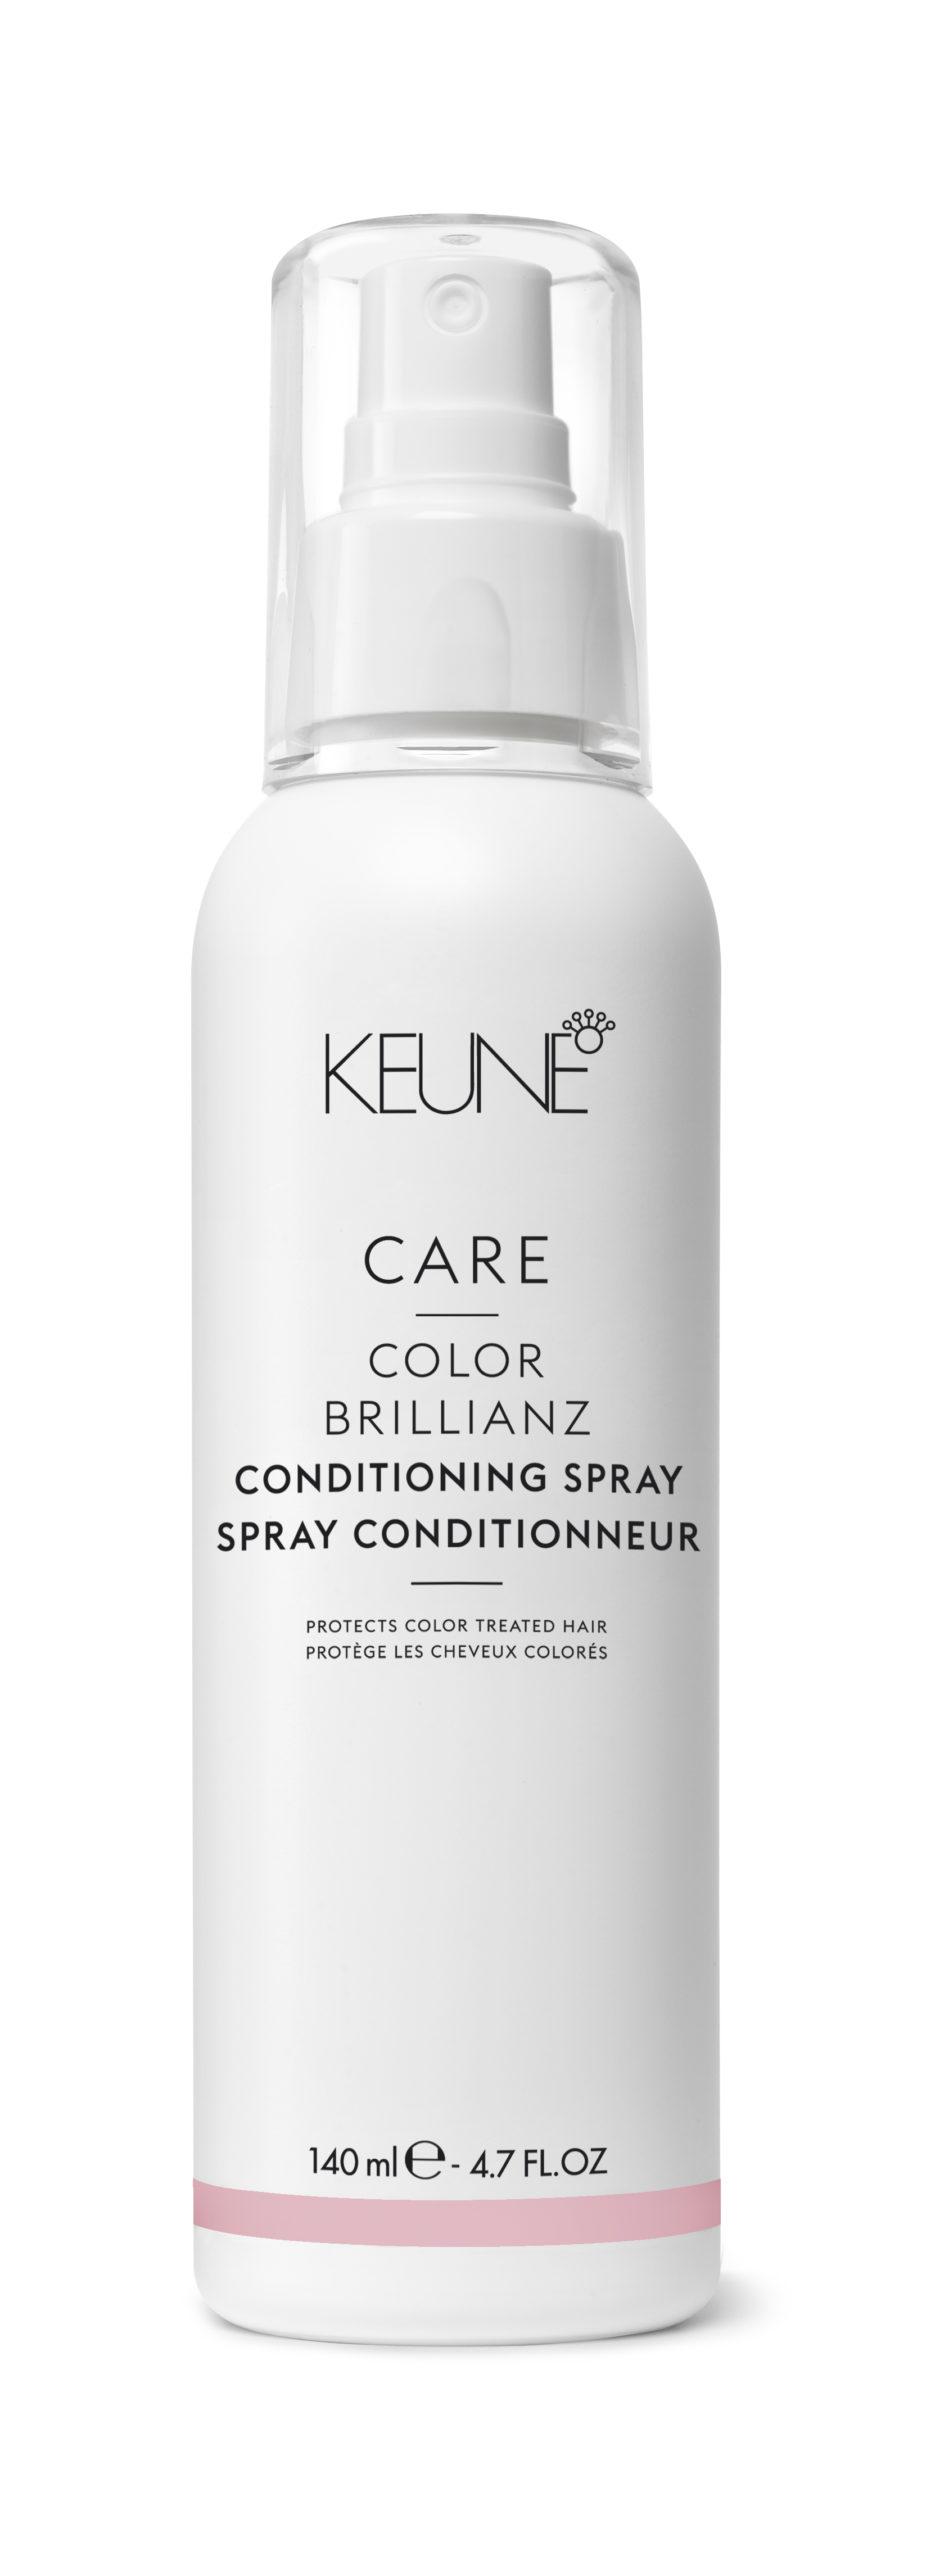 Care-Color-Brillianz-Conditioning-Spray-140ml-highres